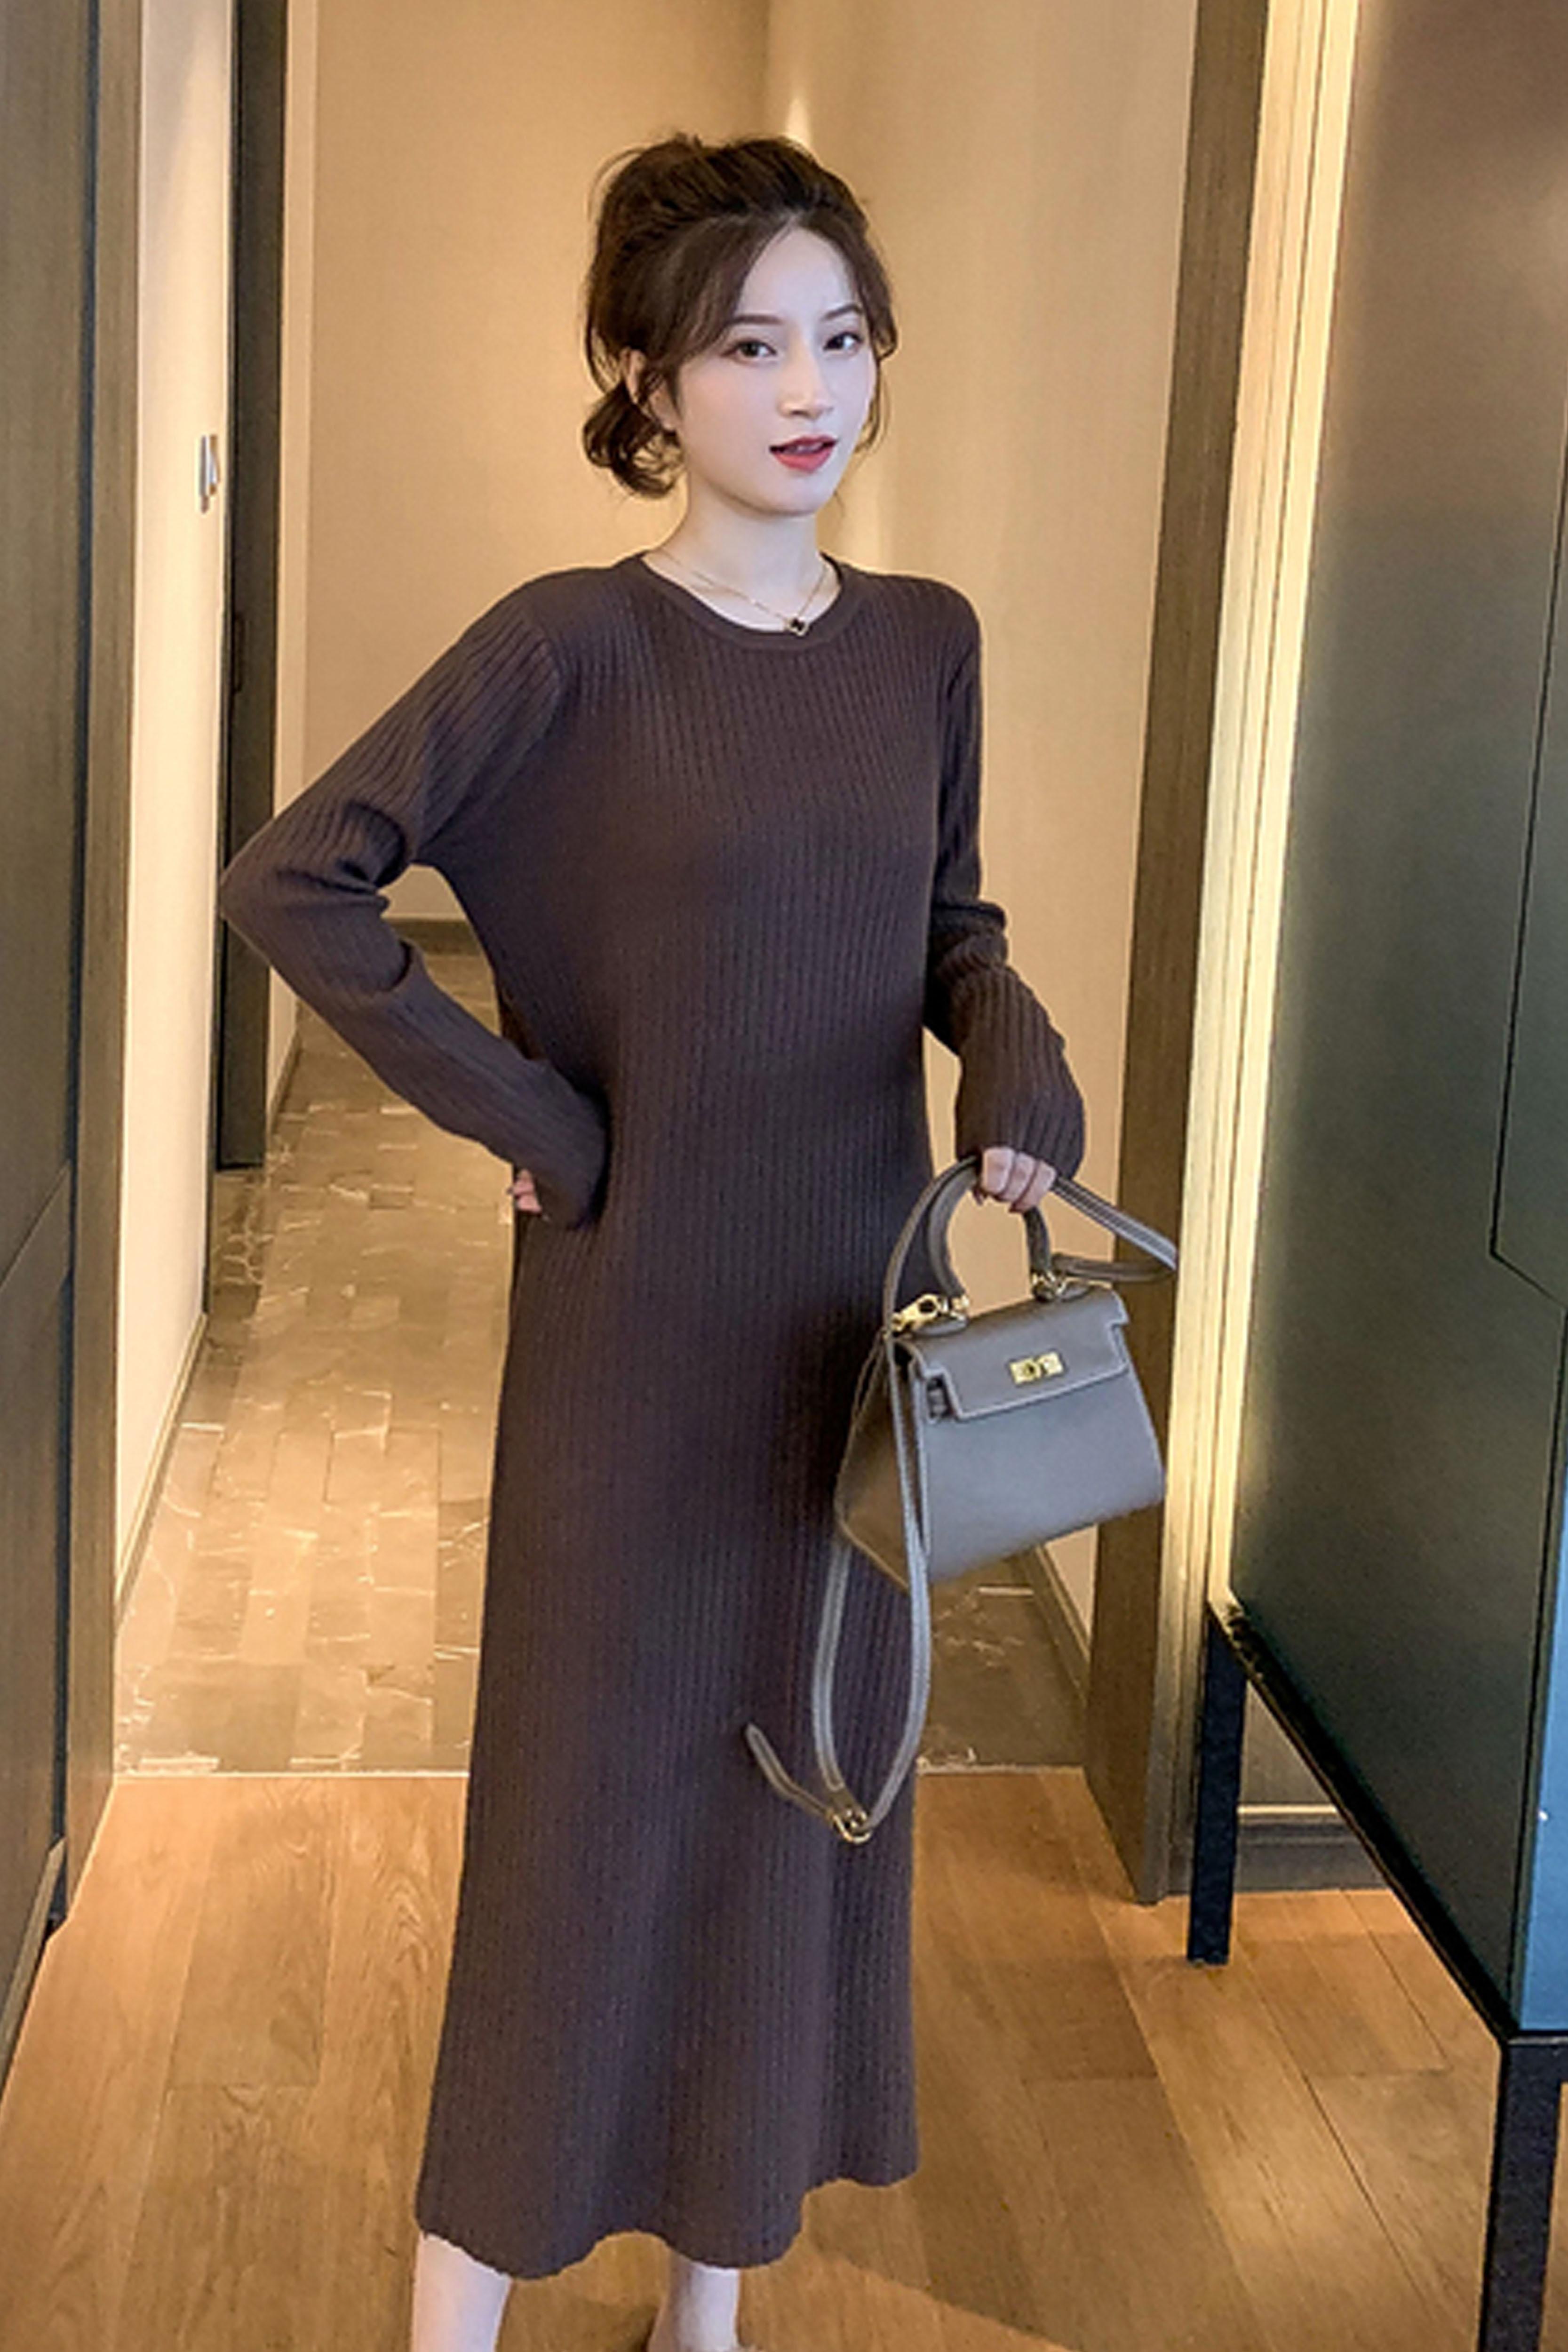 中长款针织连衣裙2019秋冬新款女装圆领长袖打底裙轻熟风长裙